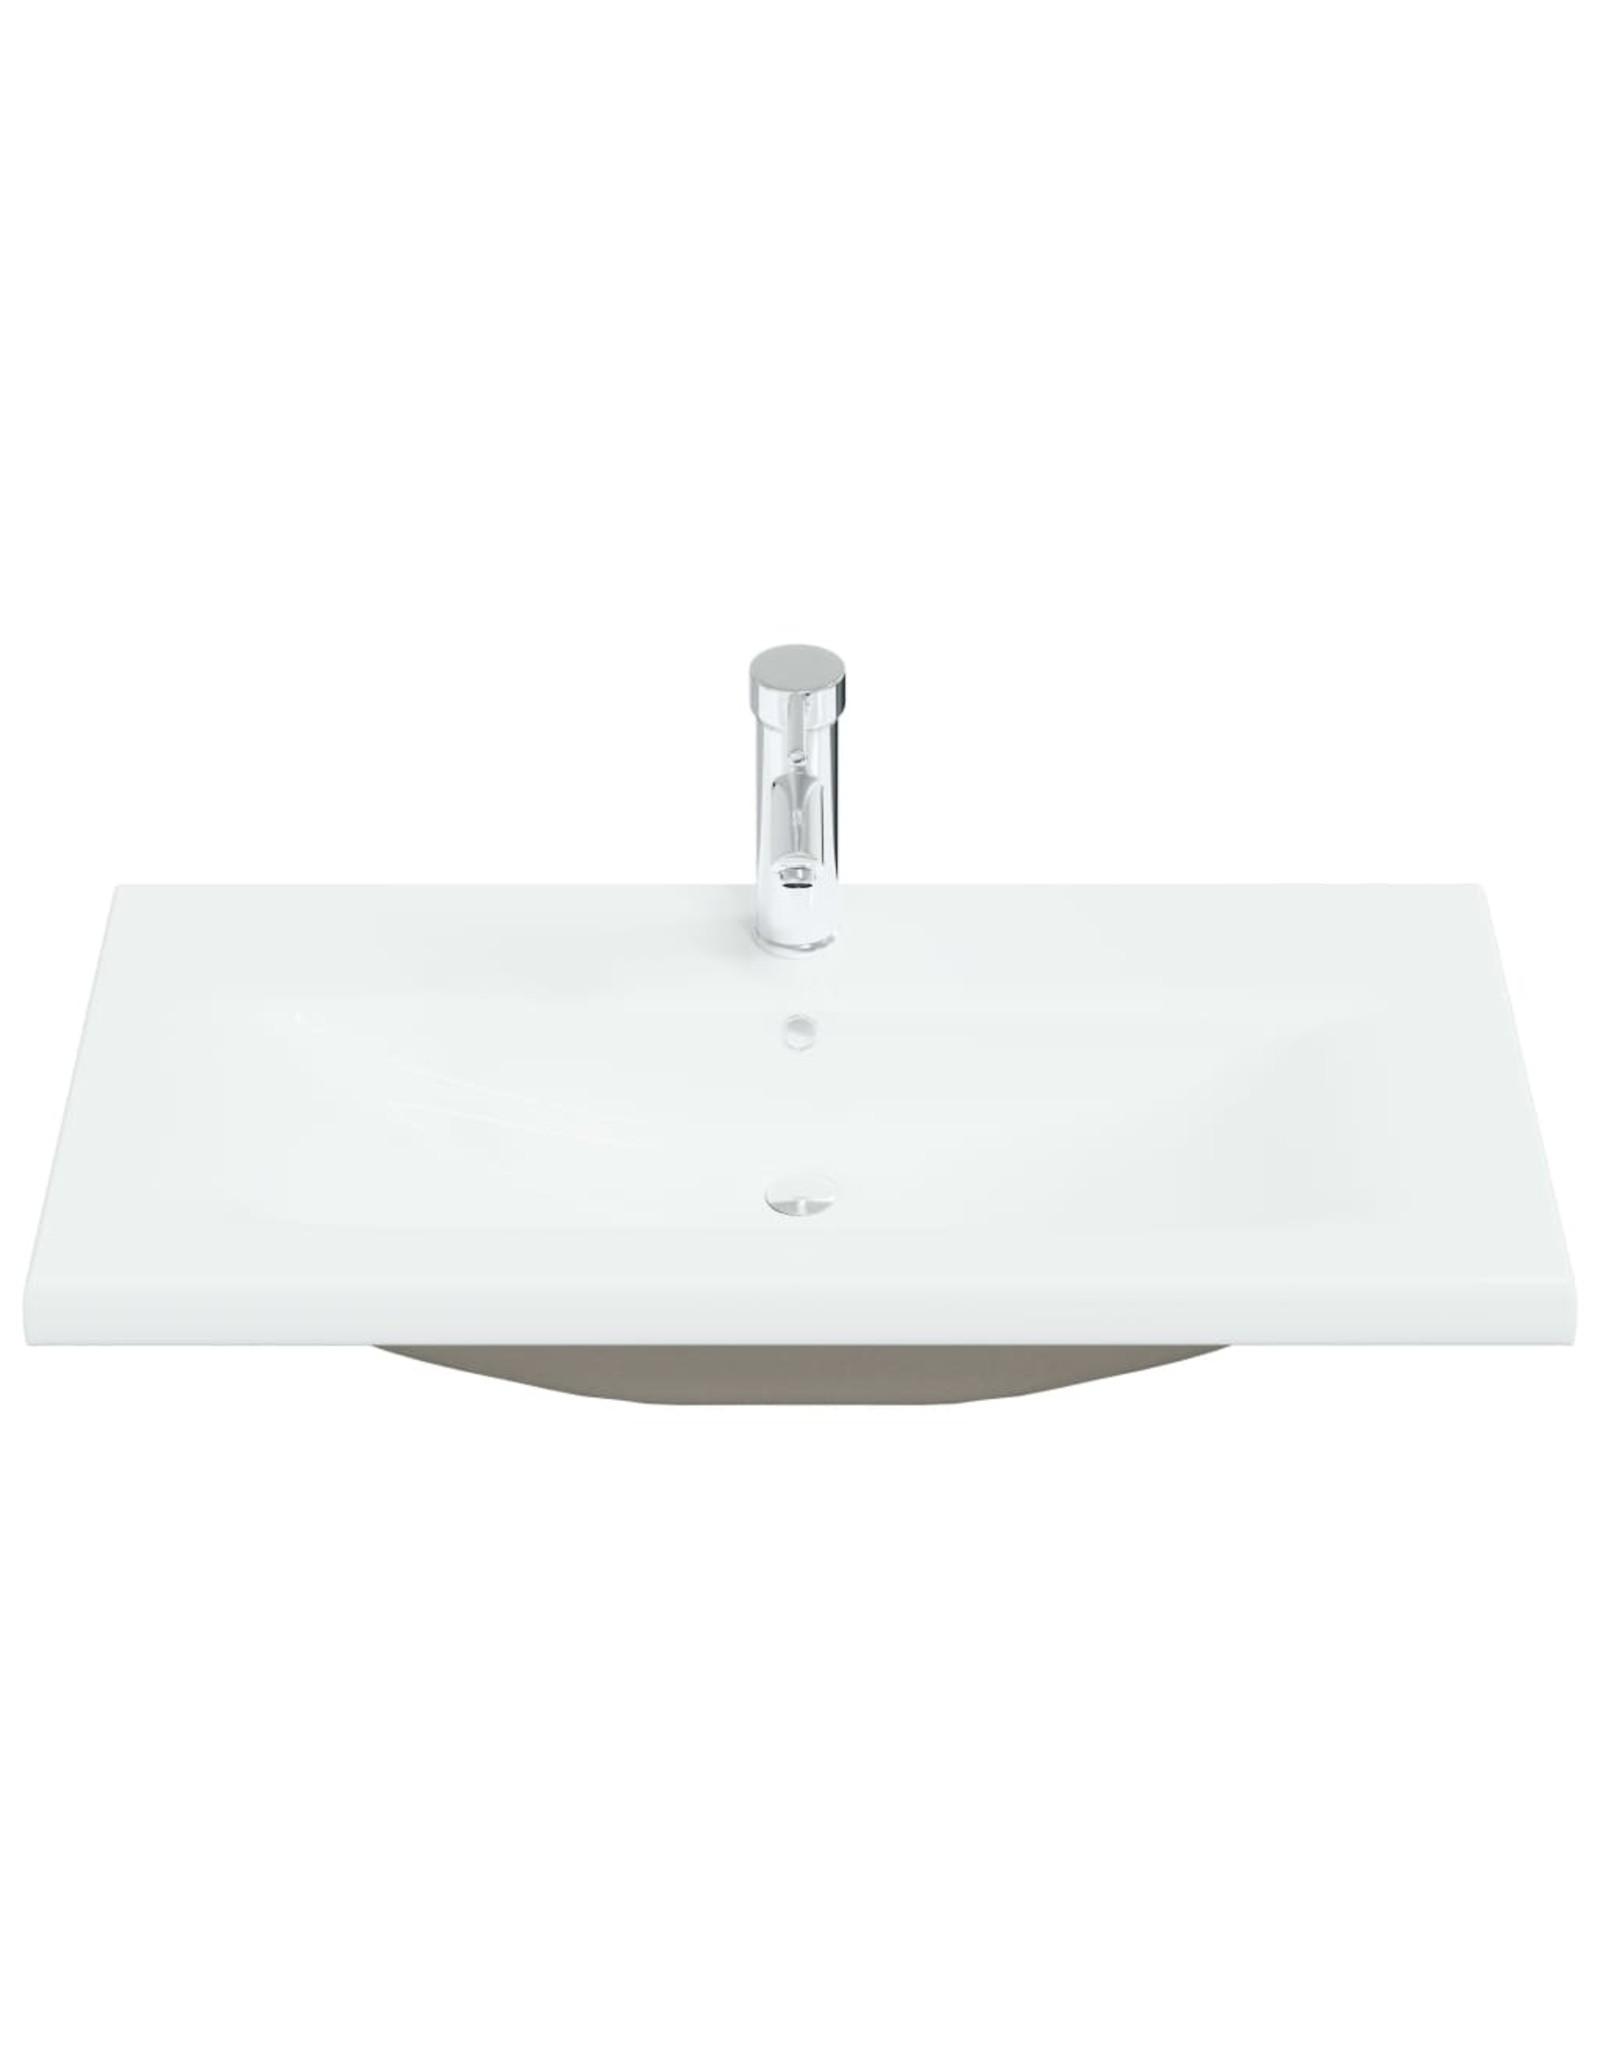 Inbouwwastafel met kraan 81x39x18 cm keramiek wit